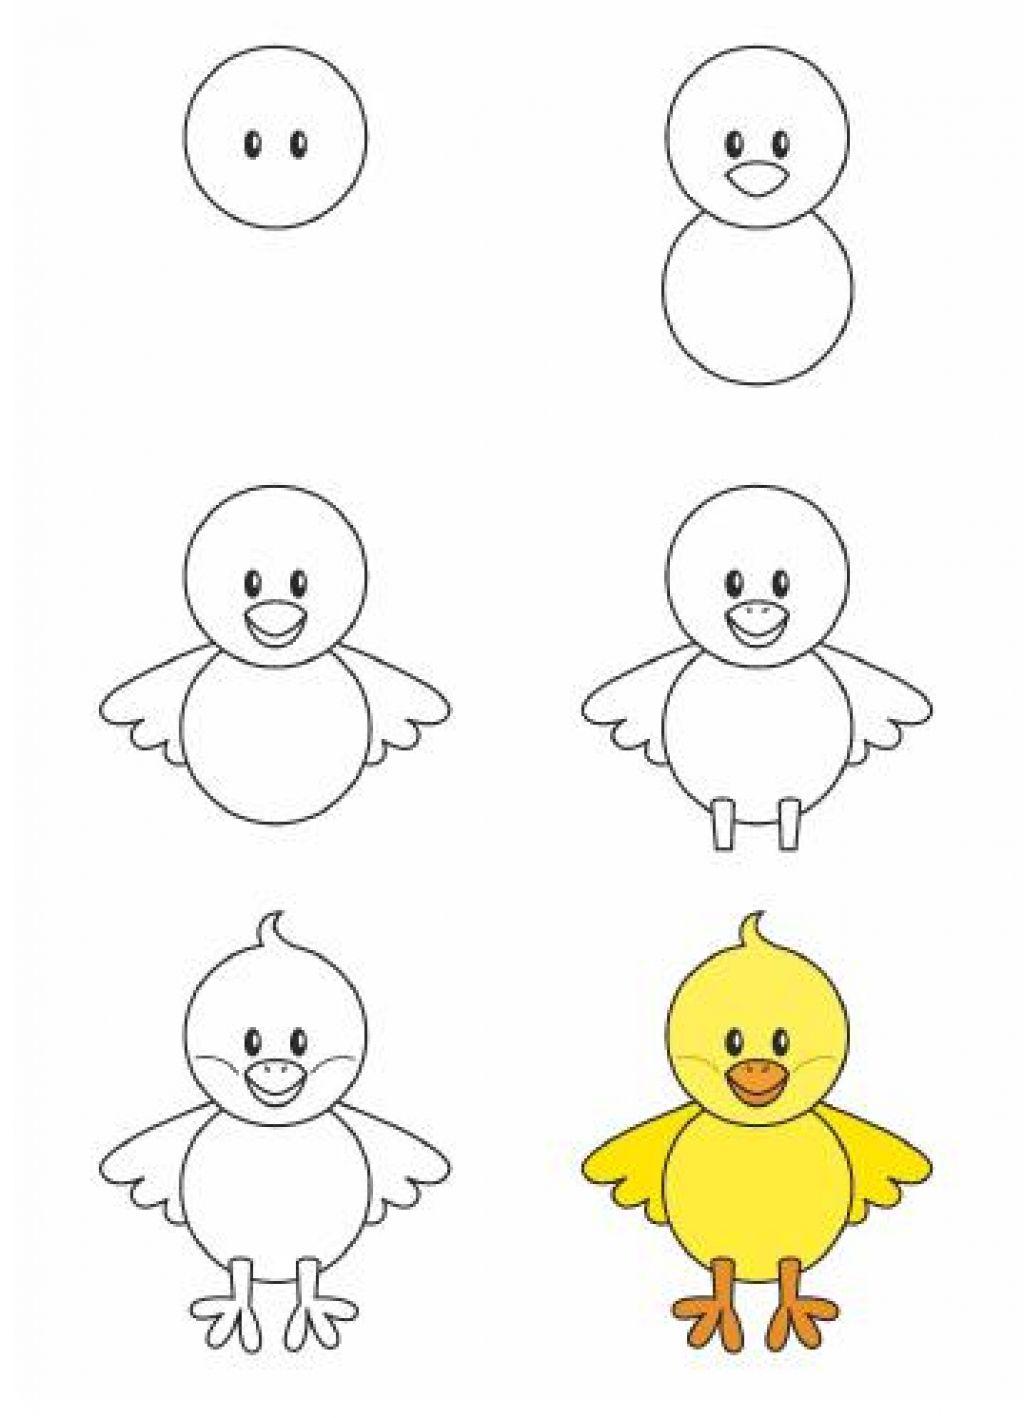 Apprendre À Dessiner Aux Enfants, Étape Par Étape! 17 à Image De Dessin A Reproduire